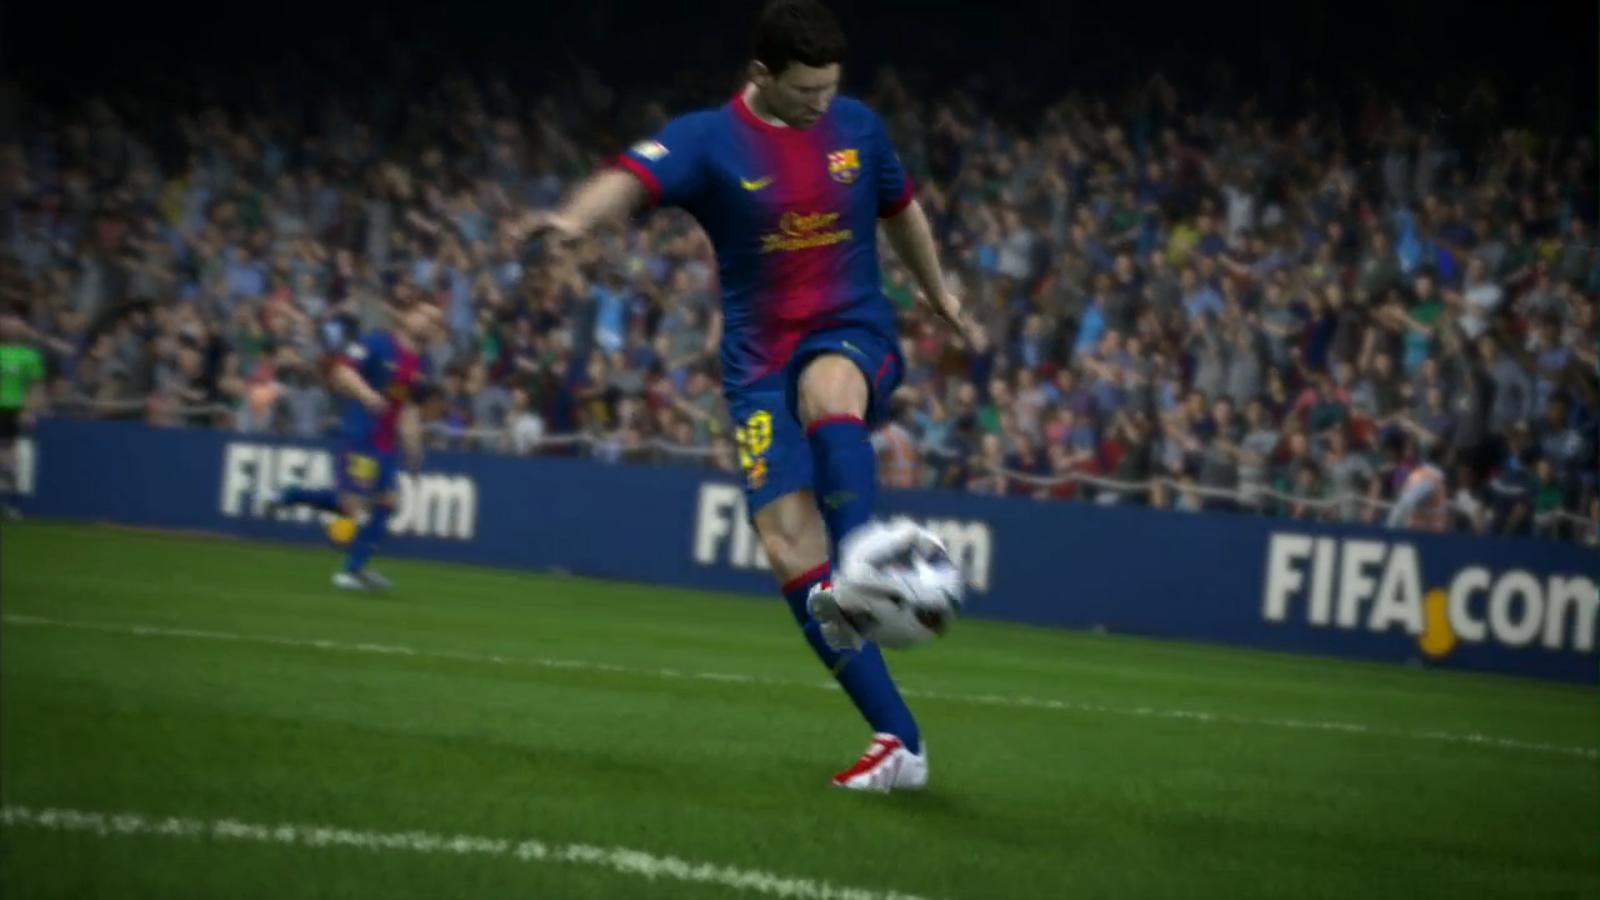 FIFA 14 promete realismo dentro e fora dos gramados (Foto: Divulgação)